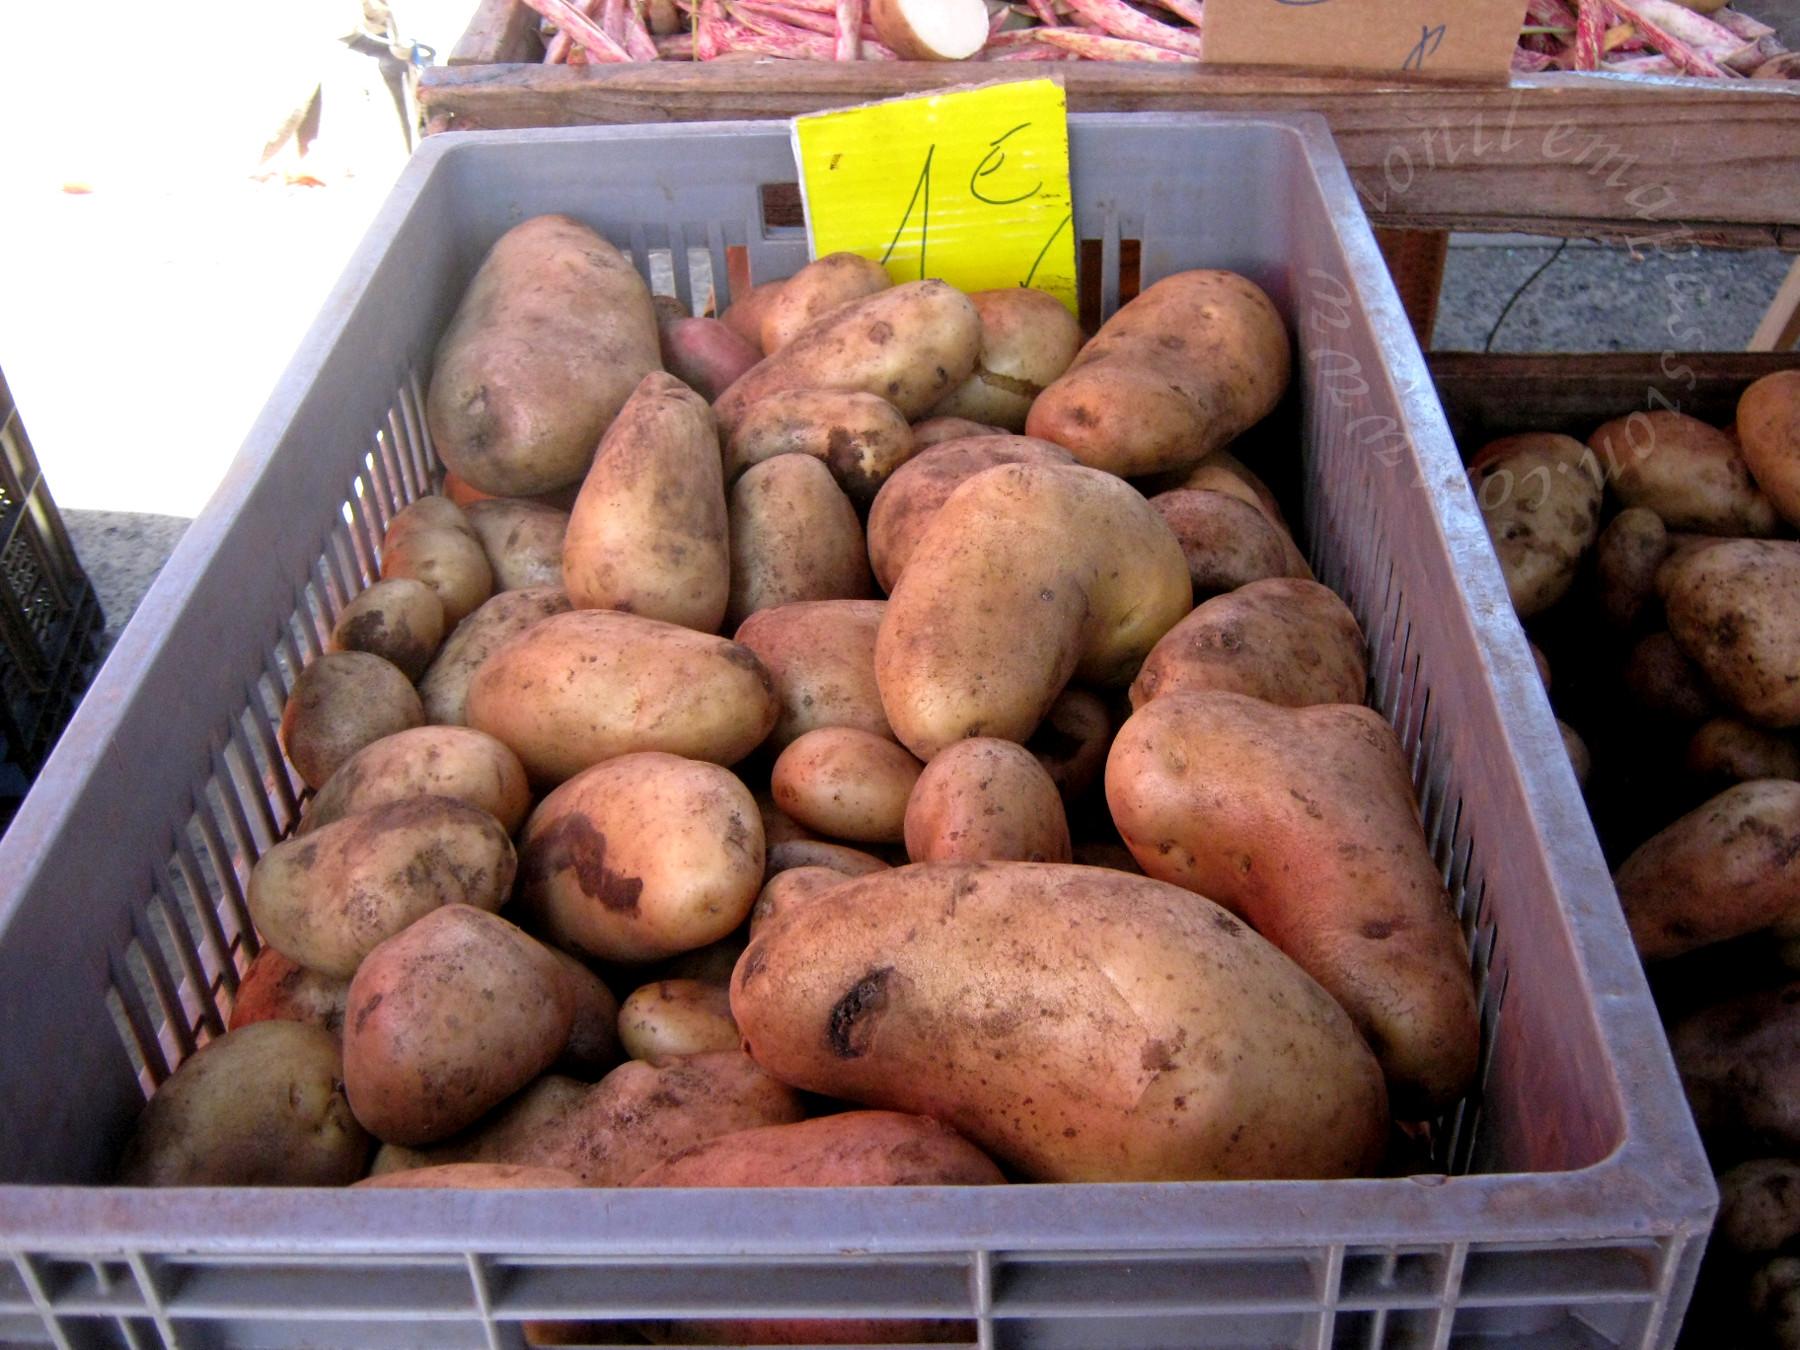 Pommes de terre -- Potatoes